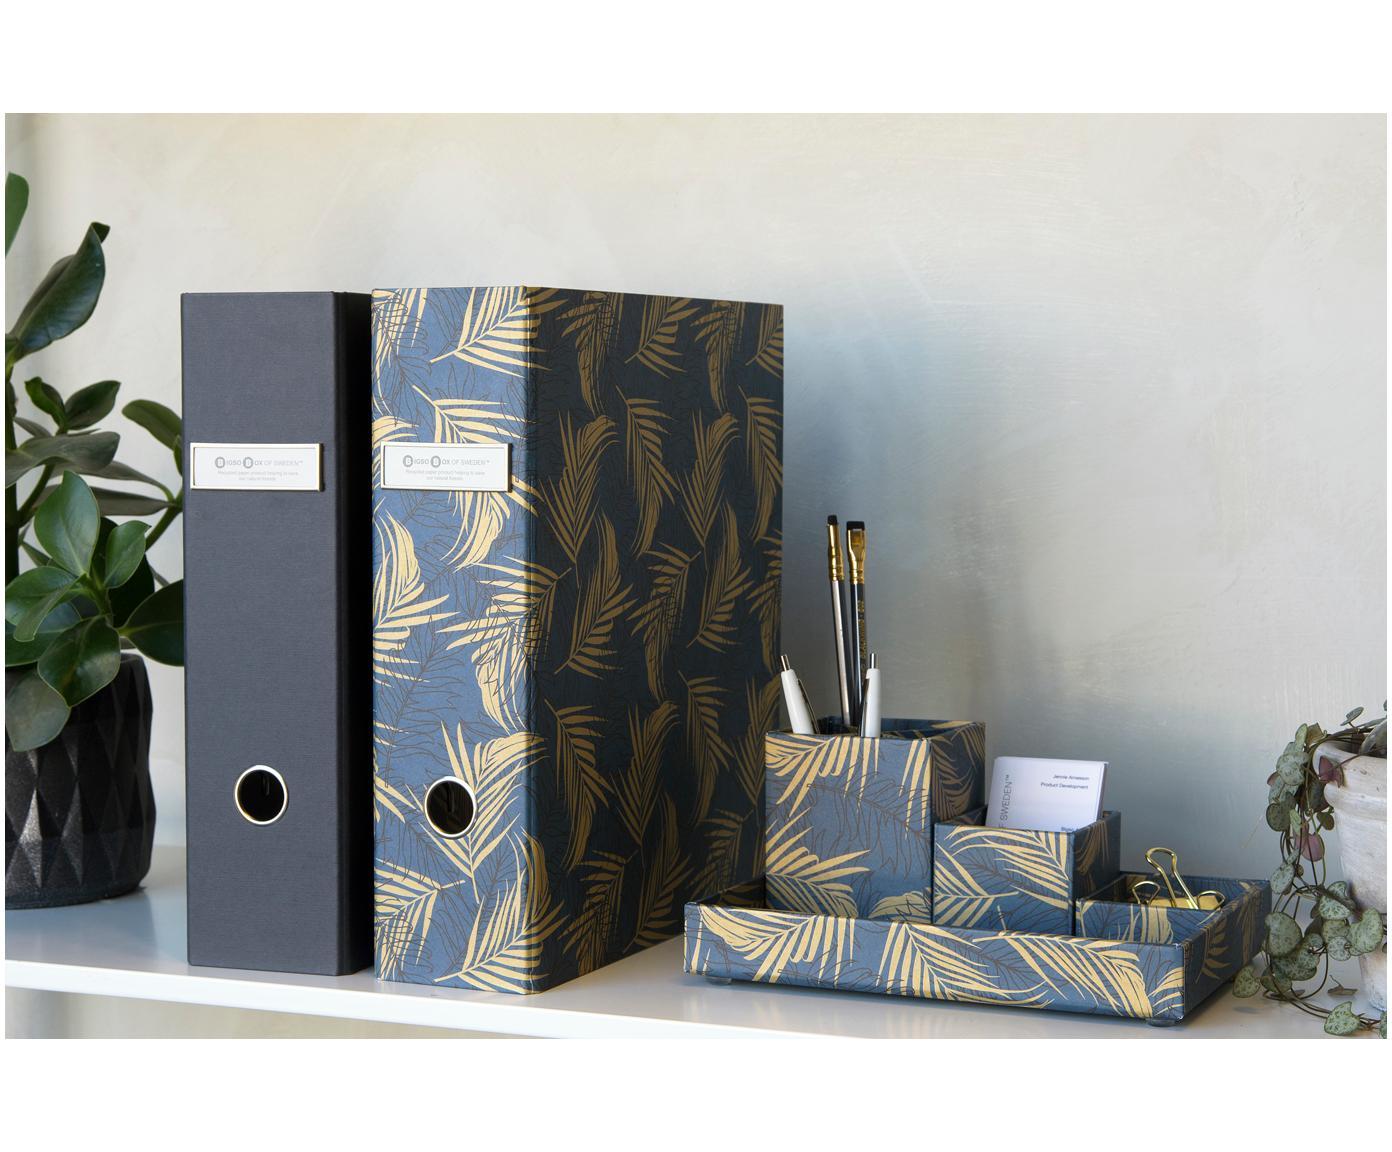 Bureau organizerset Lena, 4-delig, Massief, gelamineerd karton, Goudkleurig, grijsblauw, Verschillende formaten